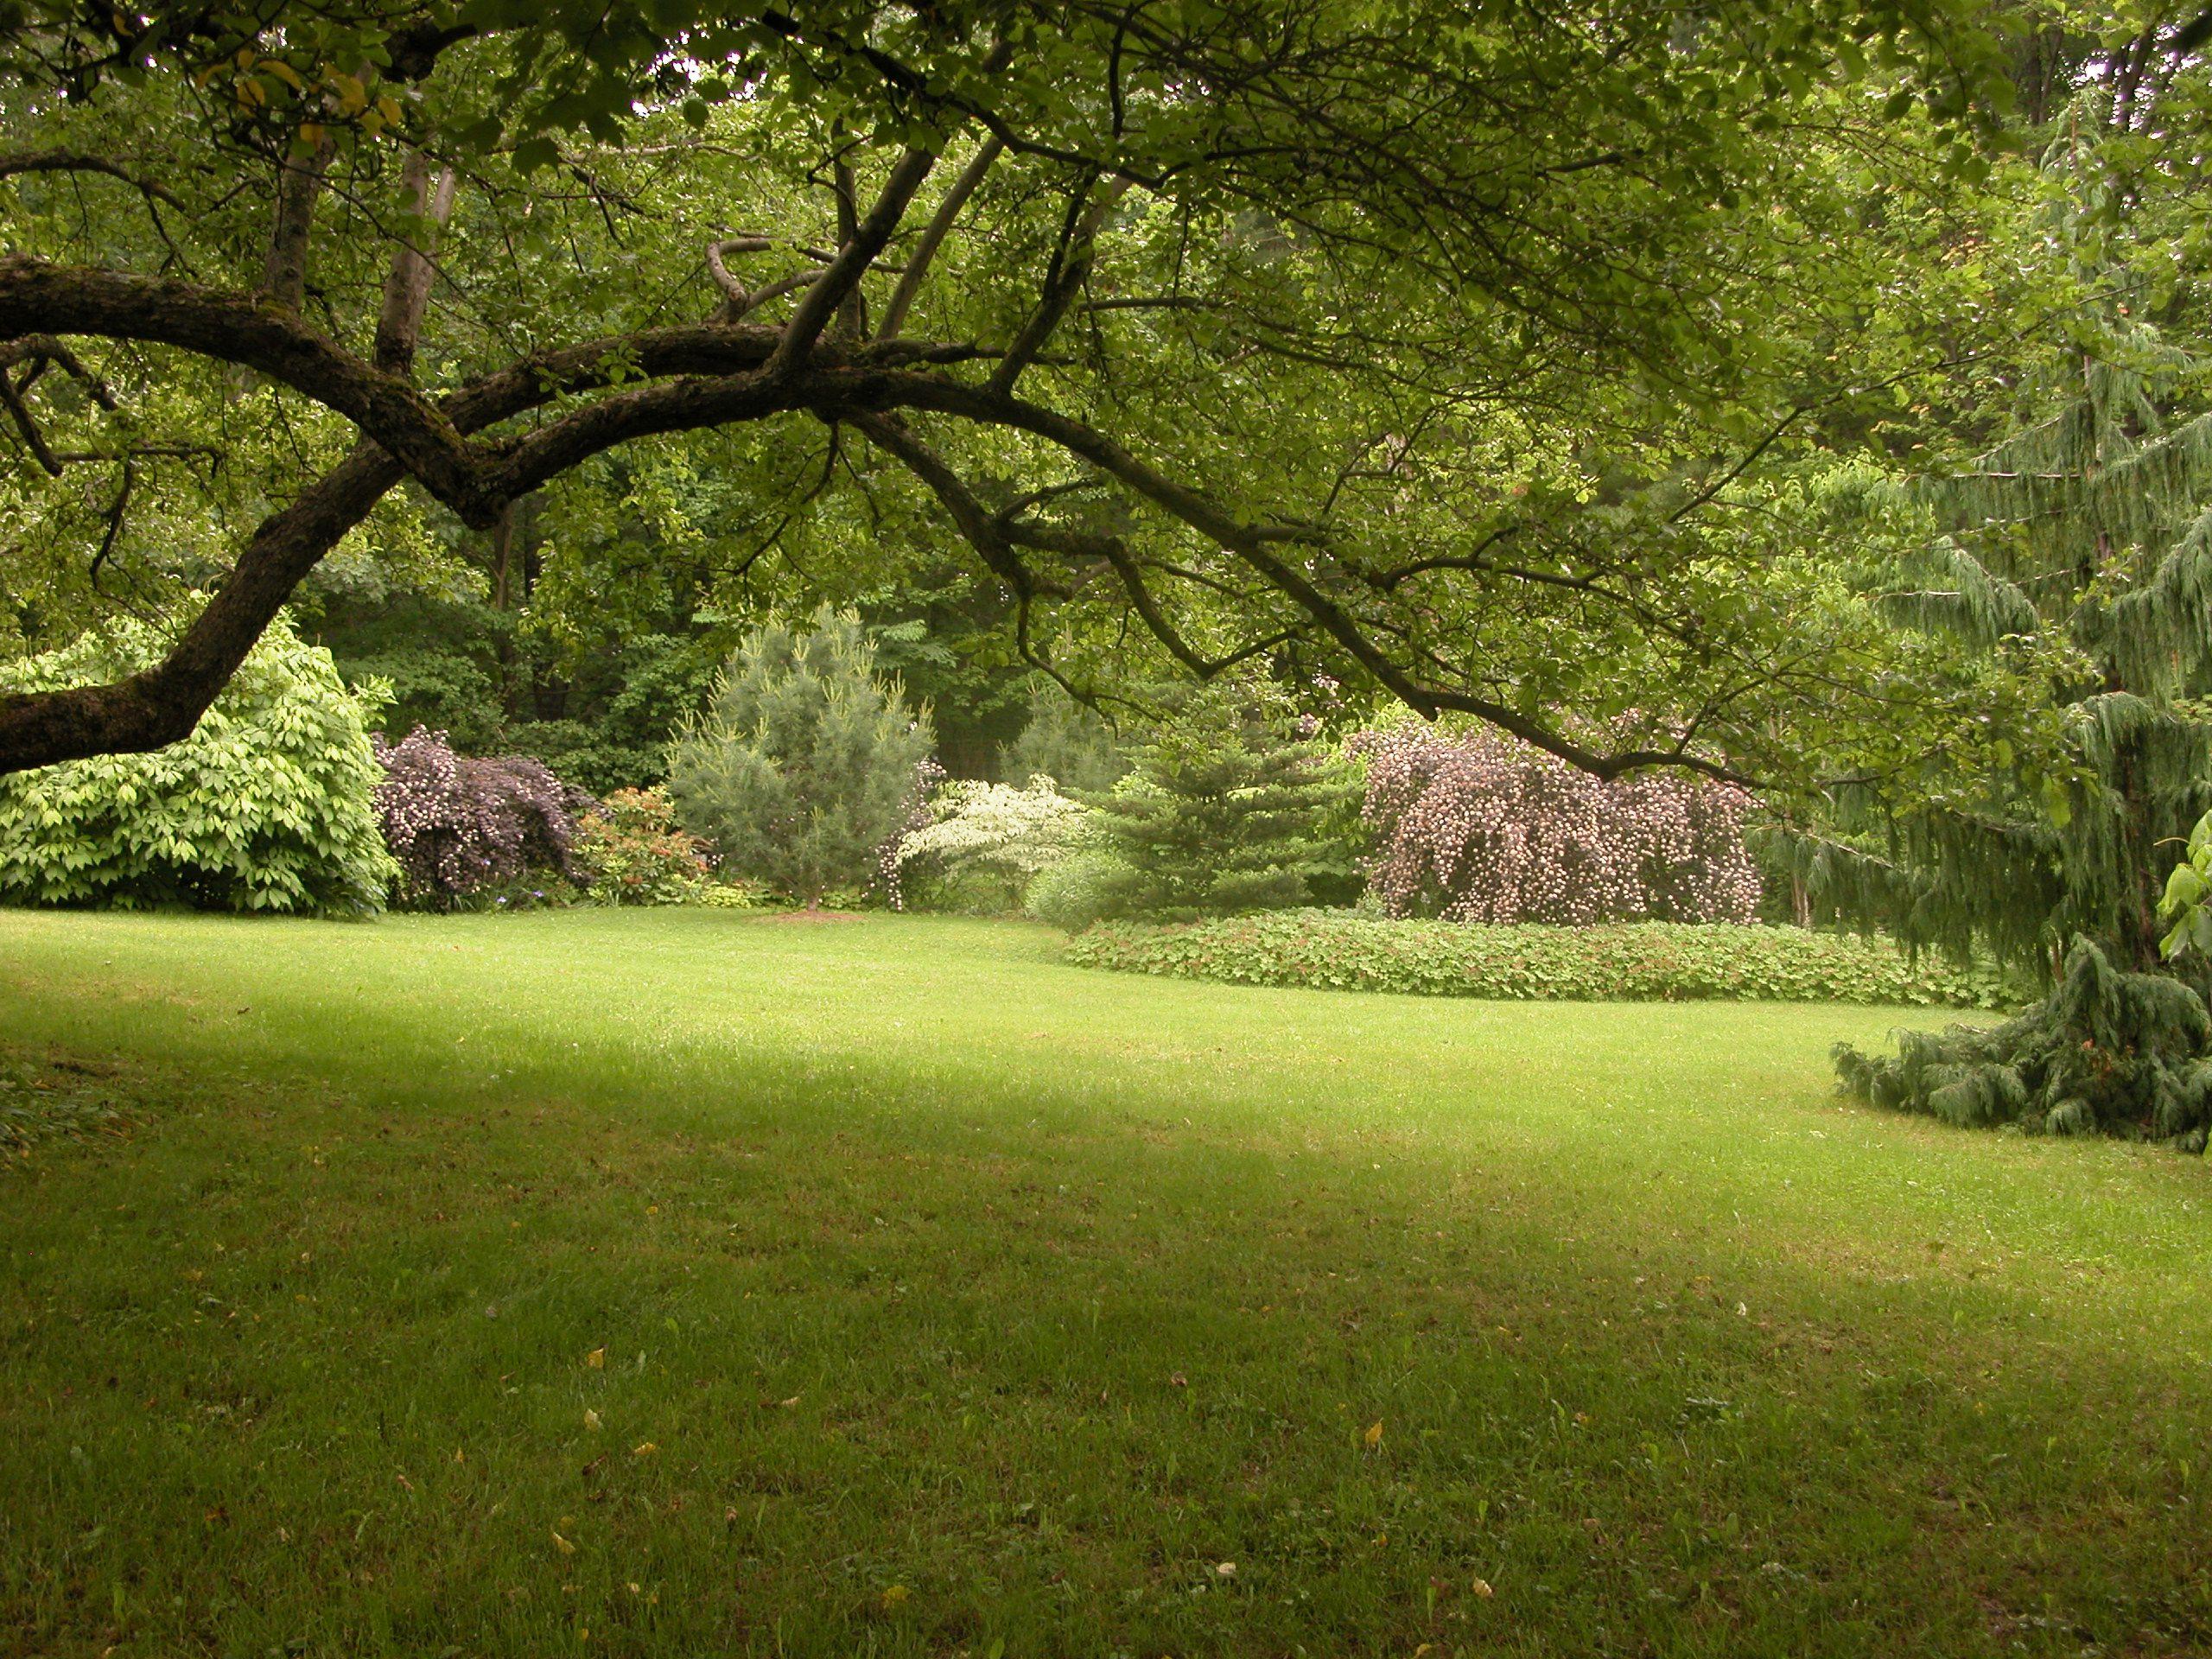 Garden with shrubs